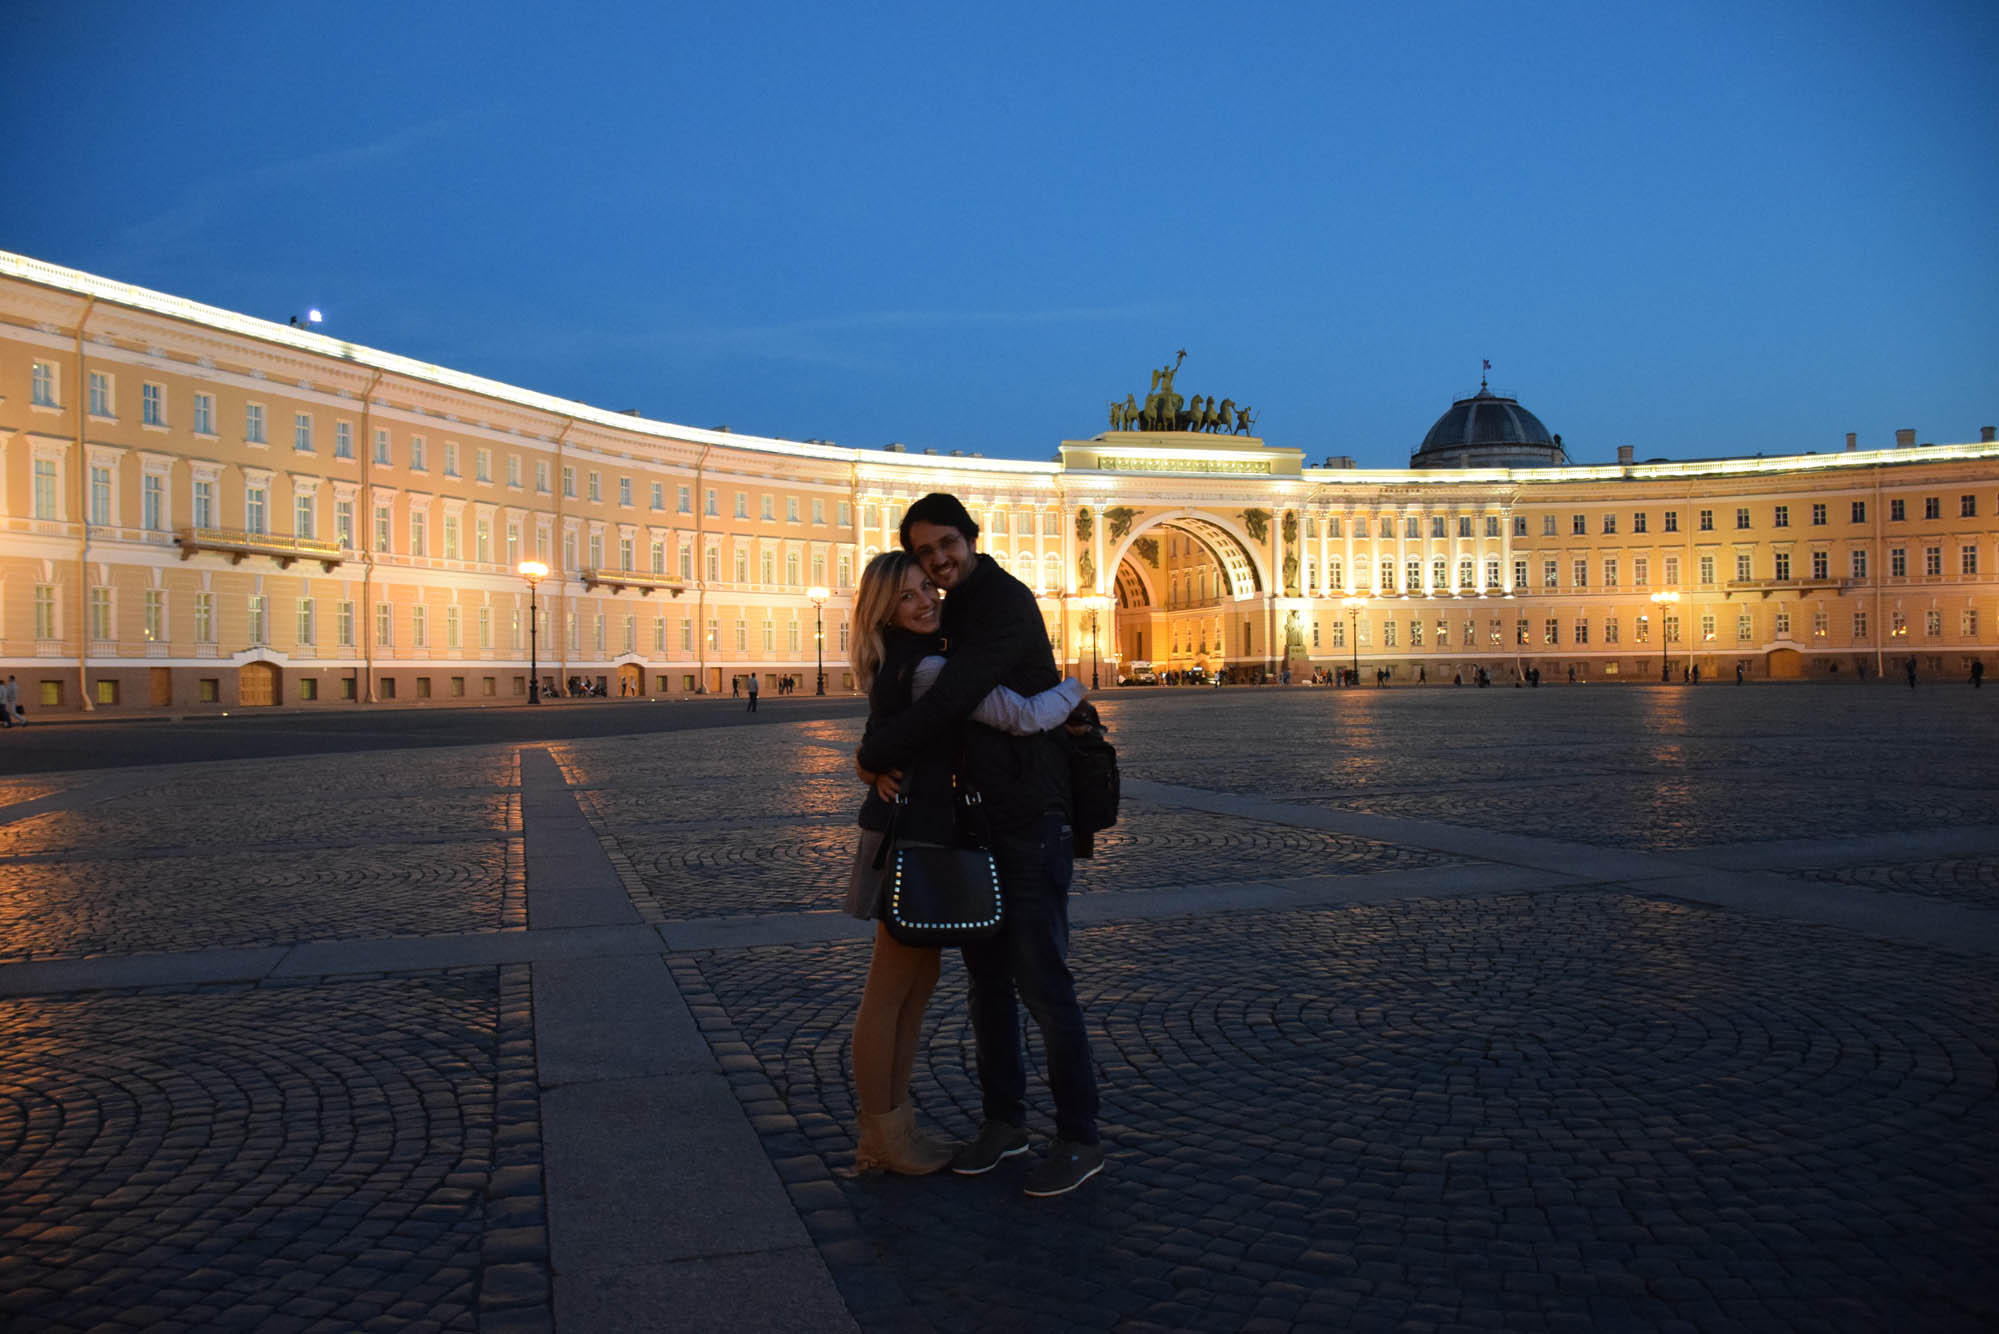 dicas de são petersburgo - rússia - Praça do Palácio